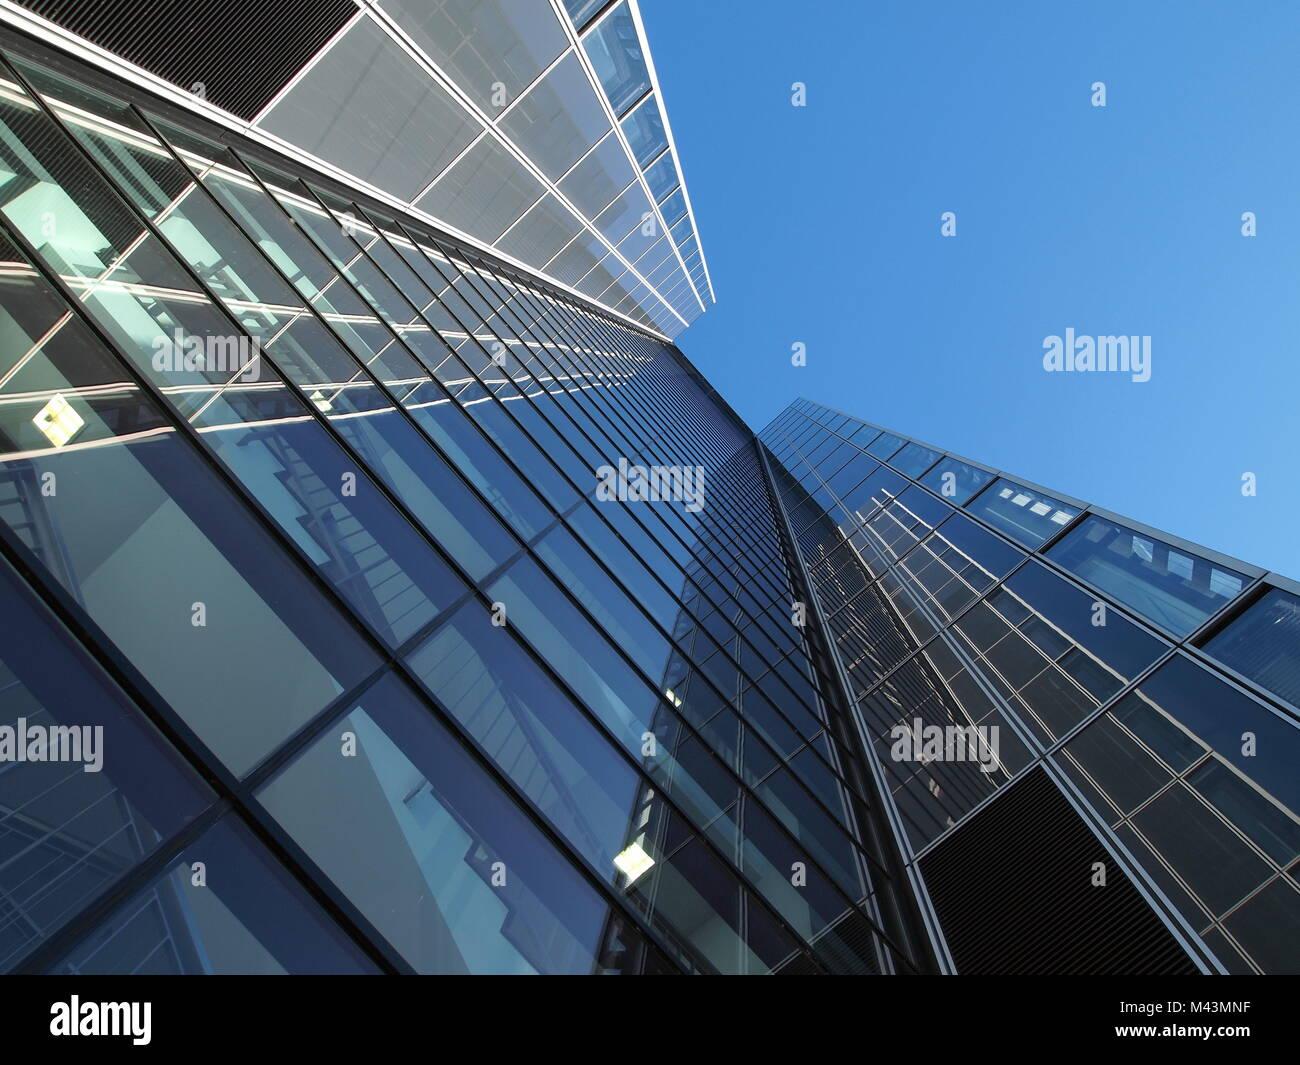 architectur detail of a bureau building at cologne - Stock Image